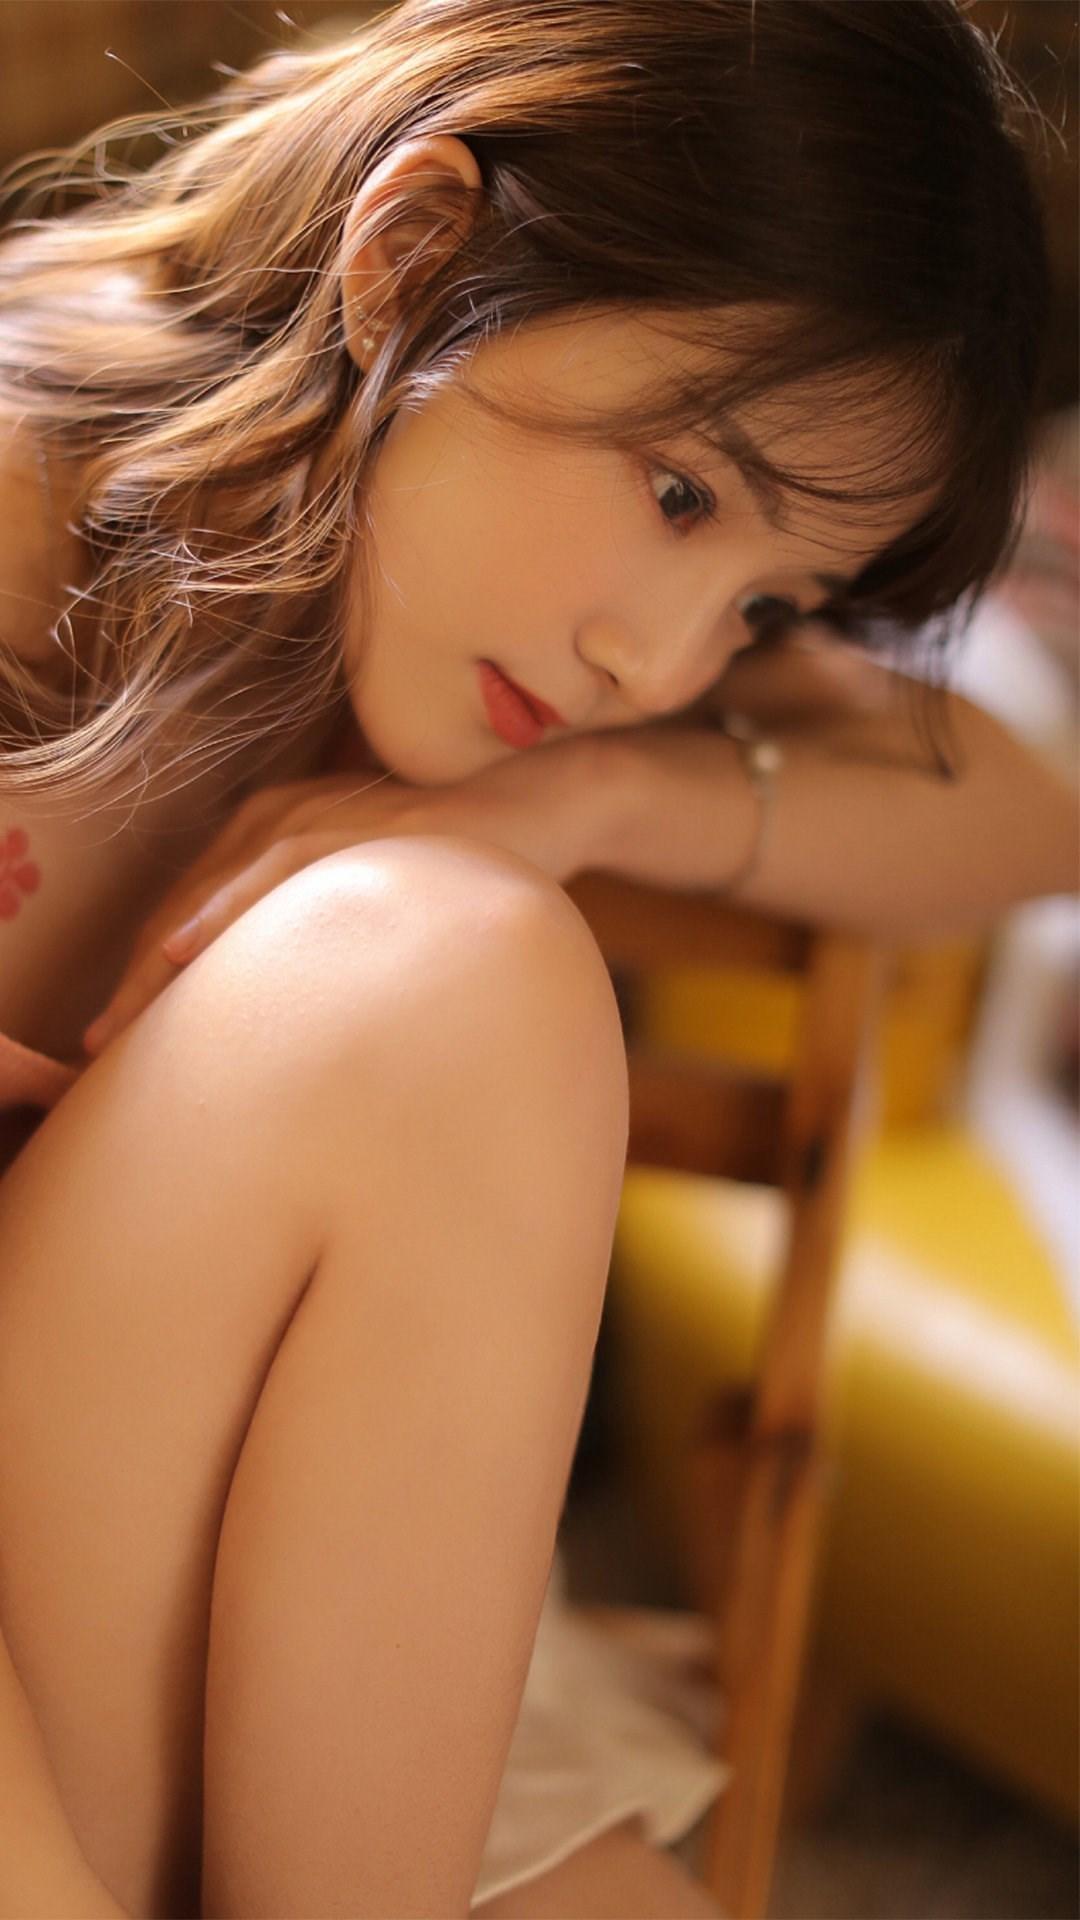 清纯美女撩人长腿写真图片